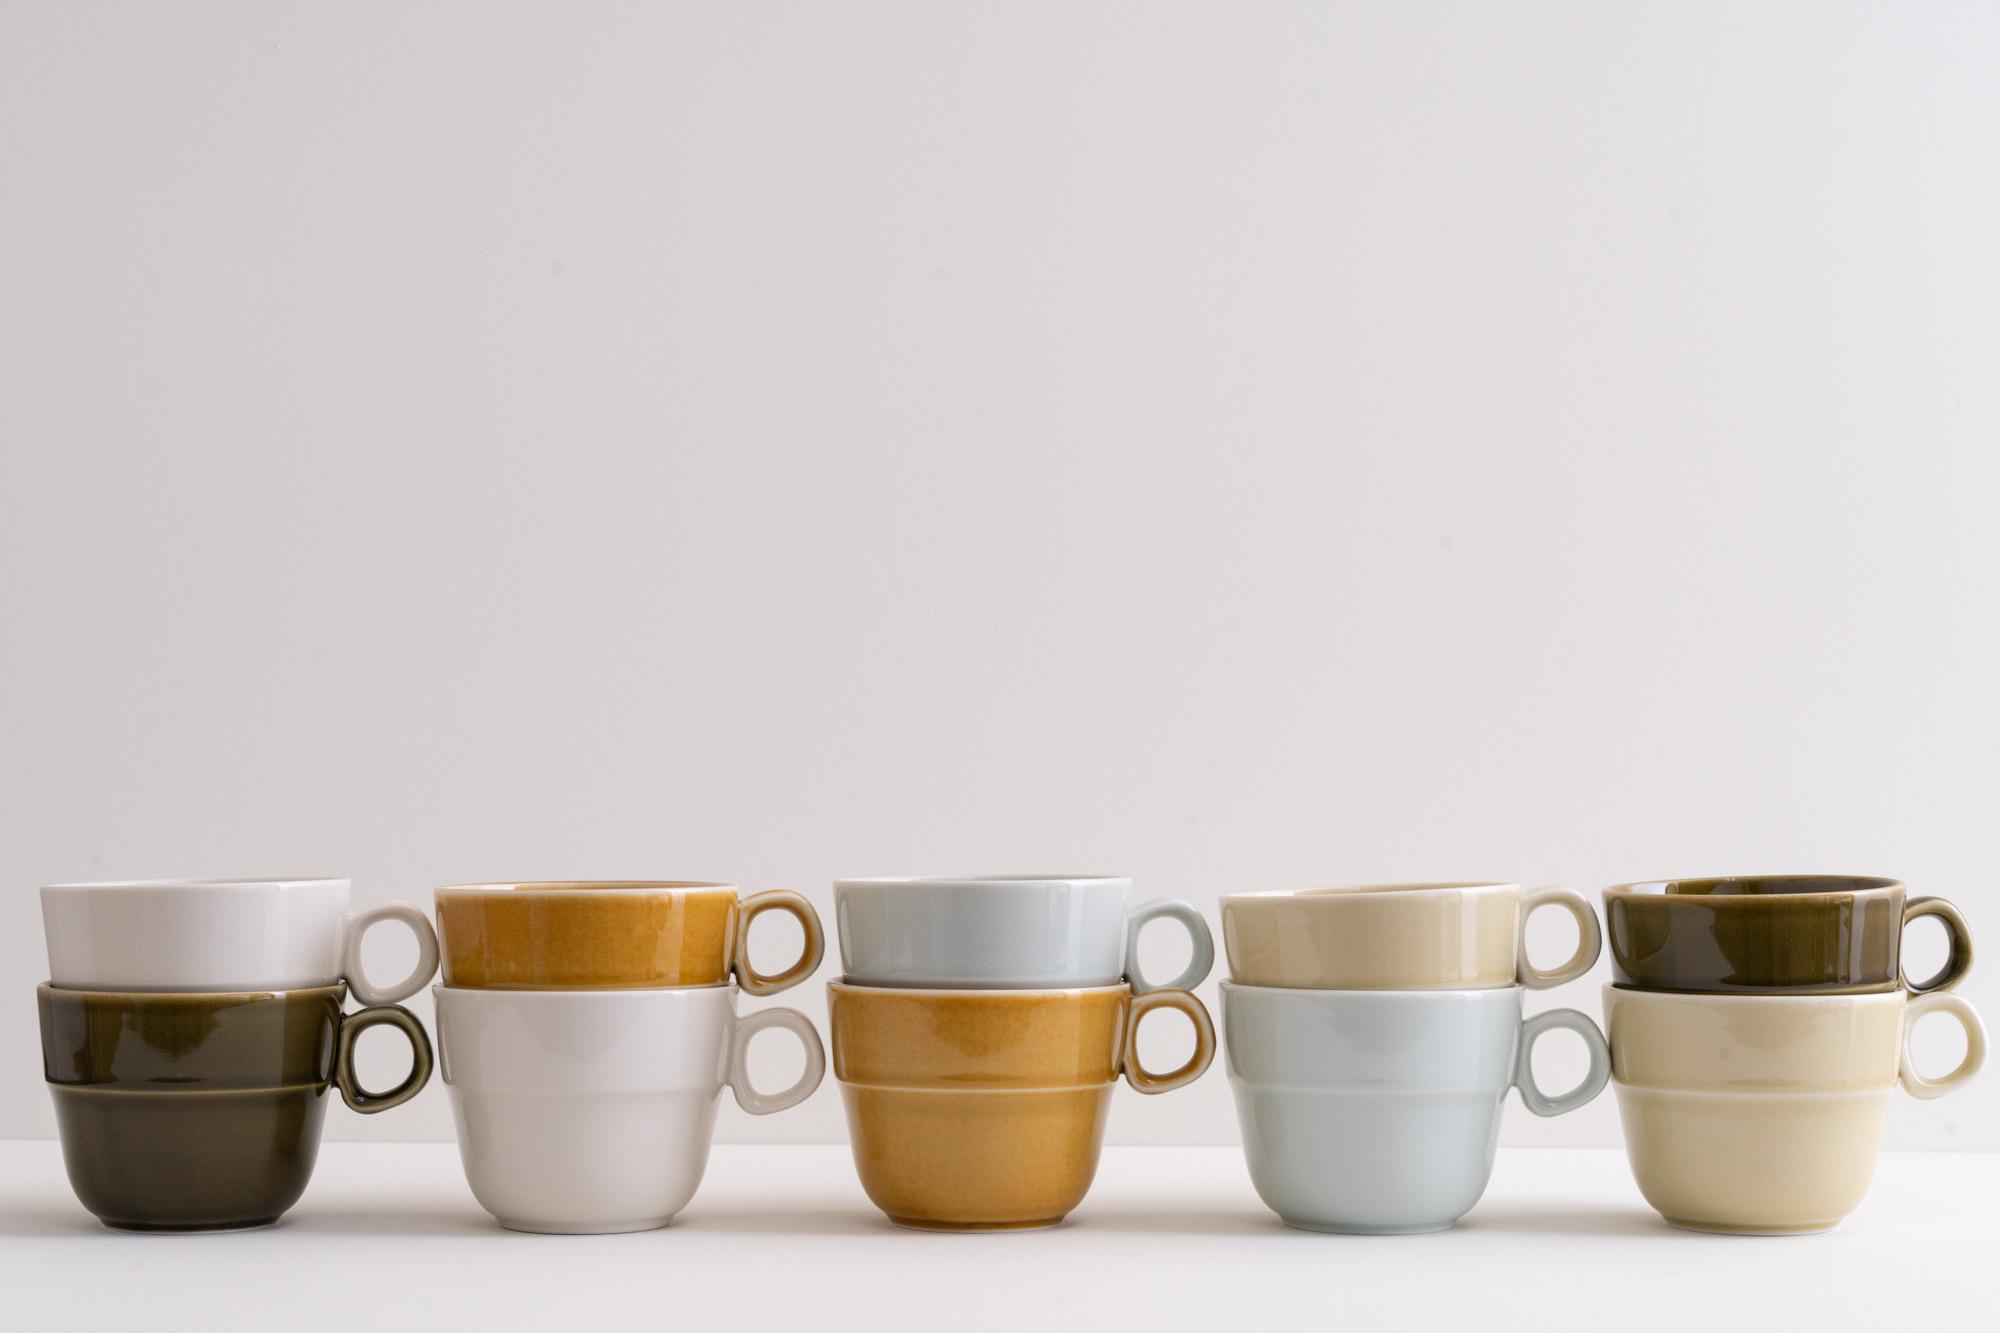 吉田手工業デザイン室のTRIPWAREシリーズからスタッキングも出来る機能的でおしゃれなマグカップ。